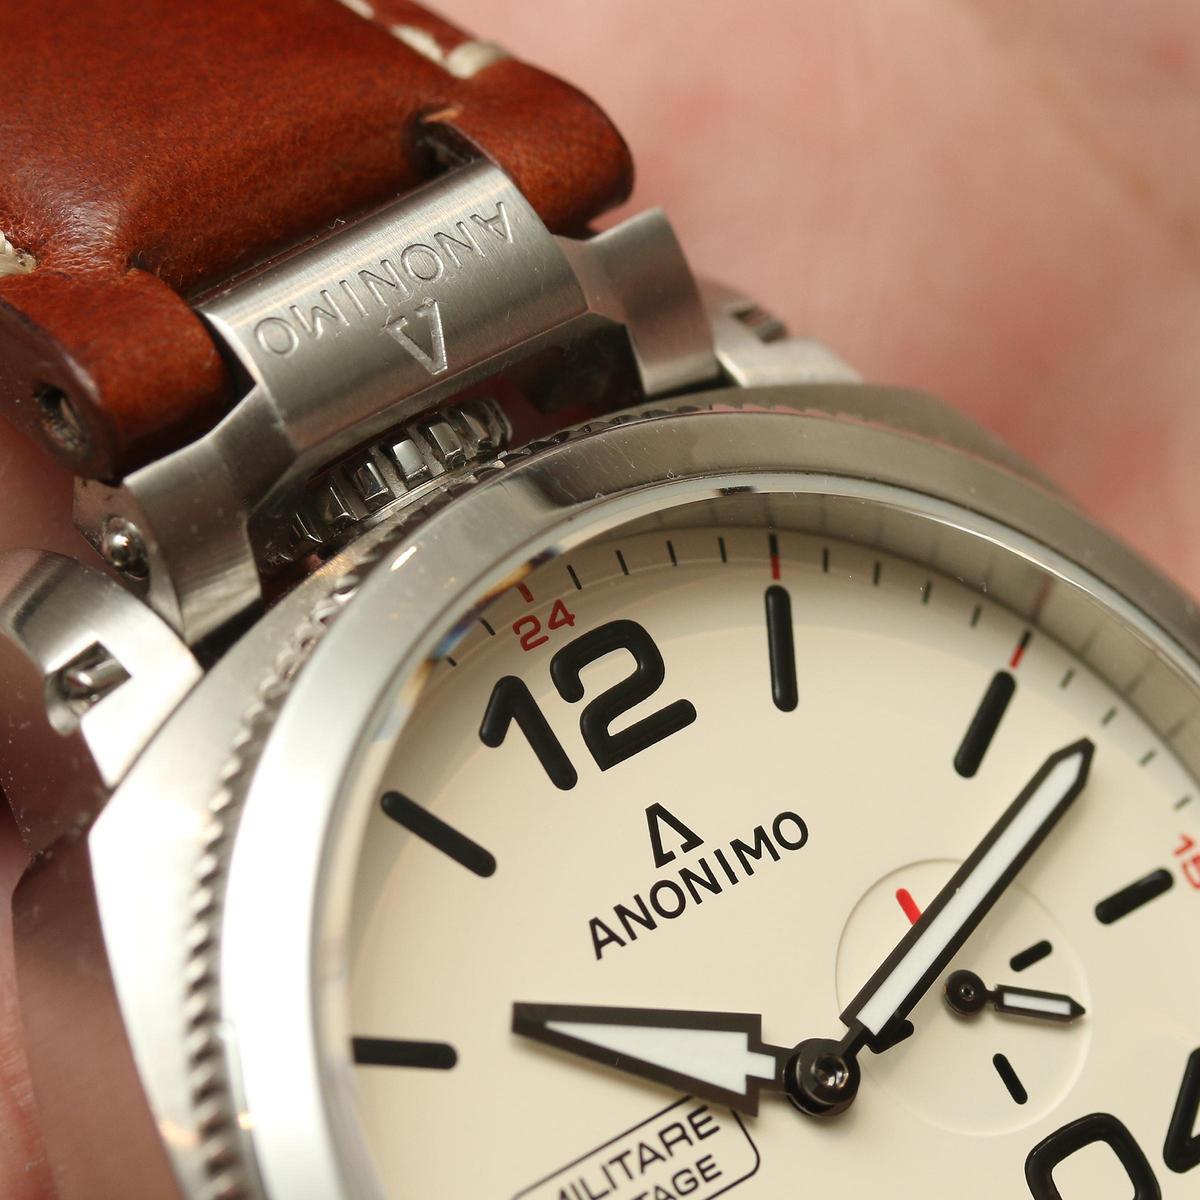 Militare義式軍風系列刻意將錶冠做在12點鐘位置,並加裝上特殊的錶冠護橋裝置,以特殊的鉸鏈連結。